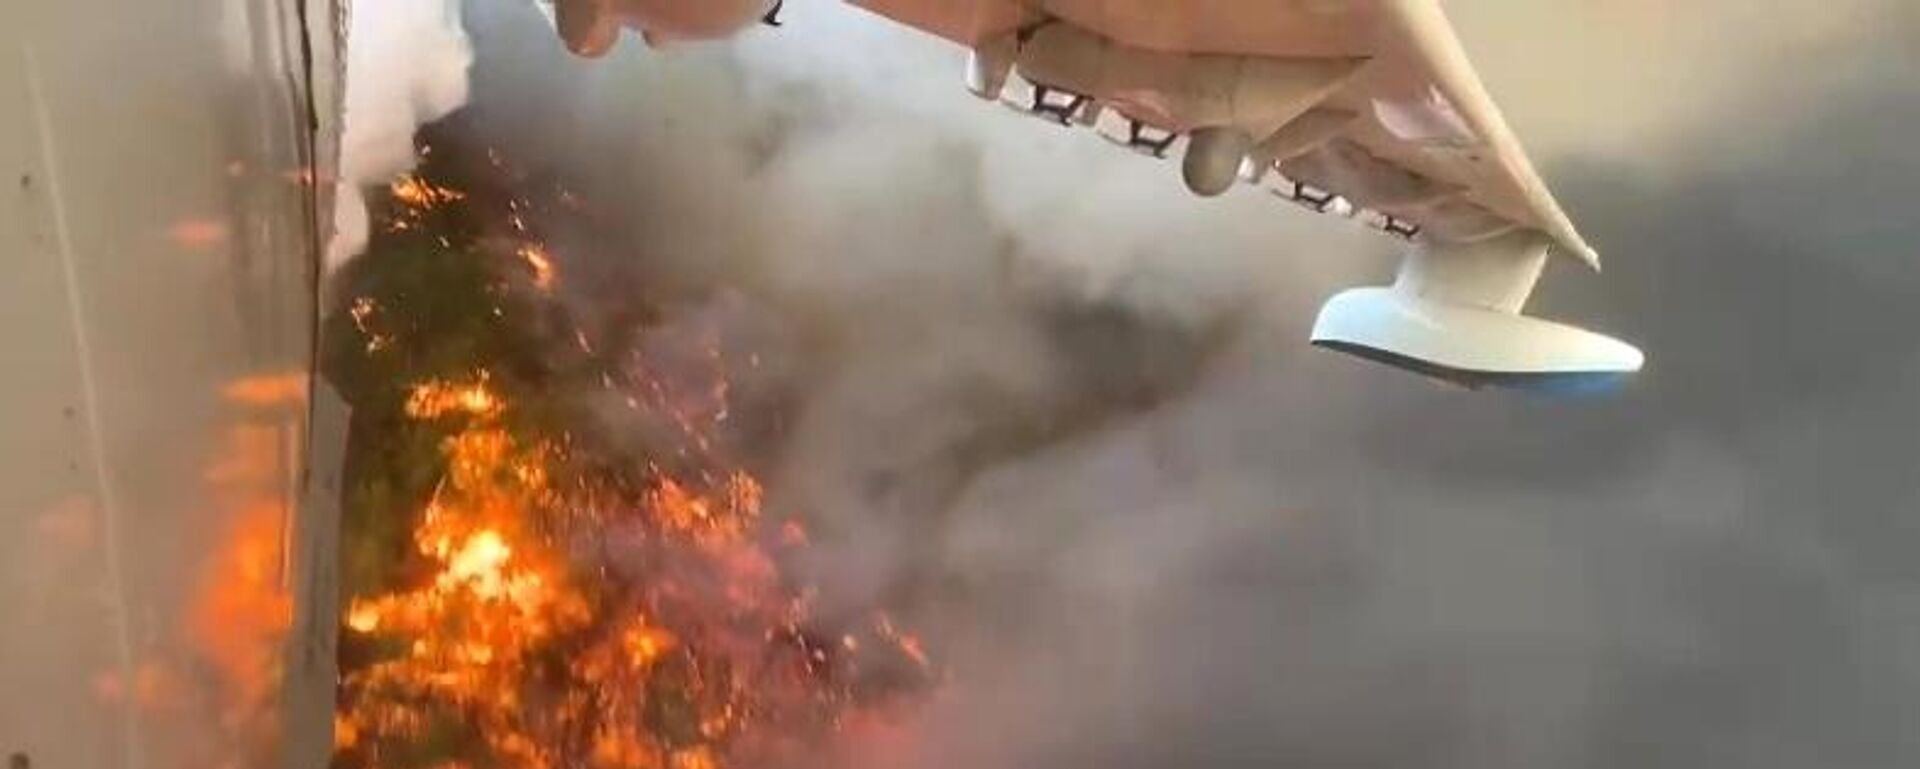 Un aereo BE-200 russo impegnato nelle operazioni di spegnimento degli incendi in Turchia - Sputnik Italia, 1920, 14.08.2021